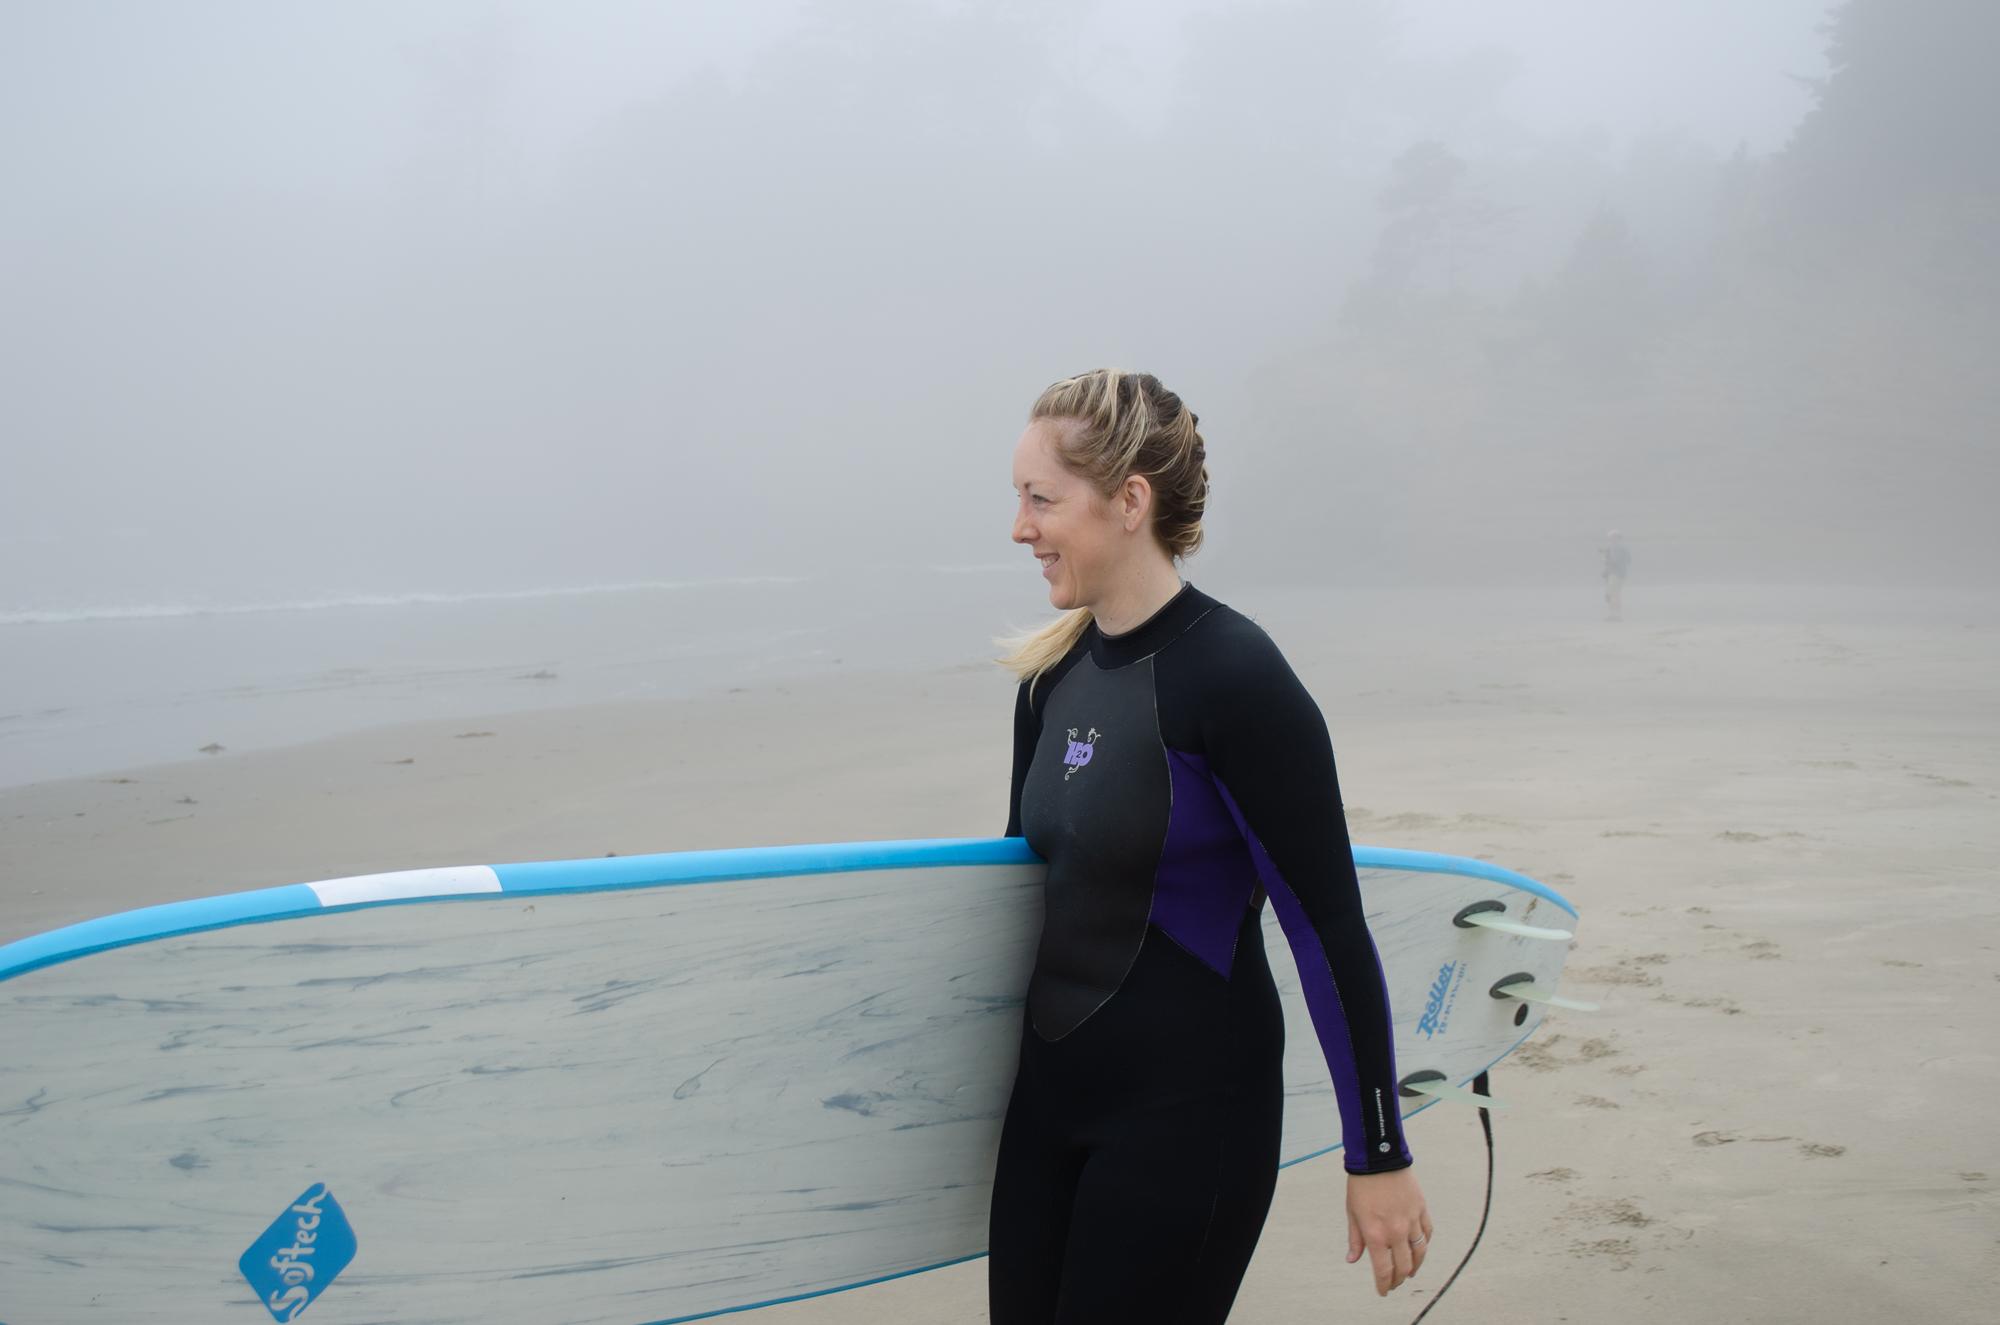 Erica Surfing